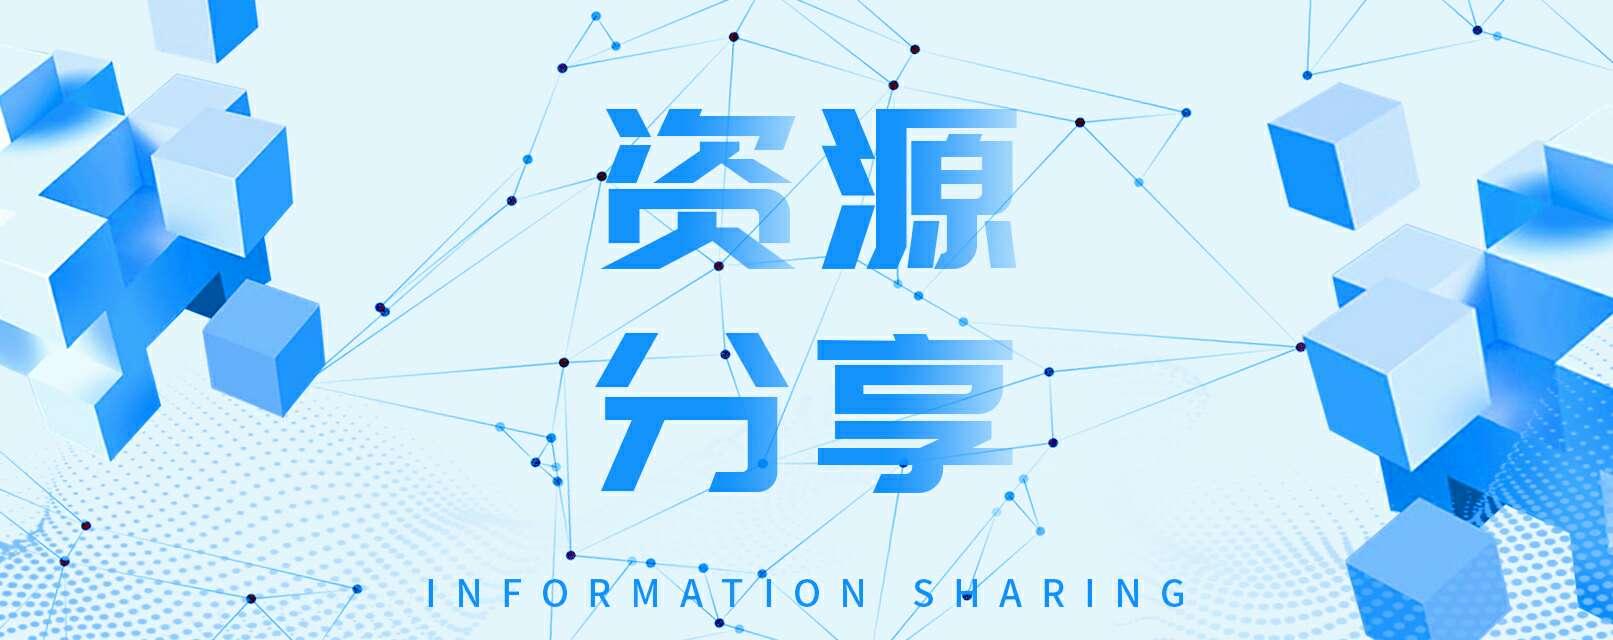 【资源分享】天下游 13.1.18版本 支持王者荣耀修改虚拟定位